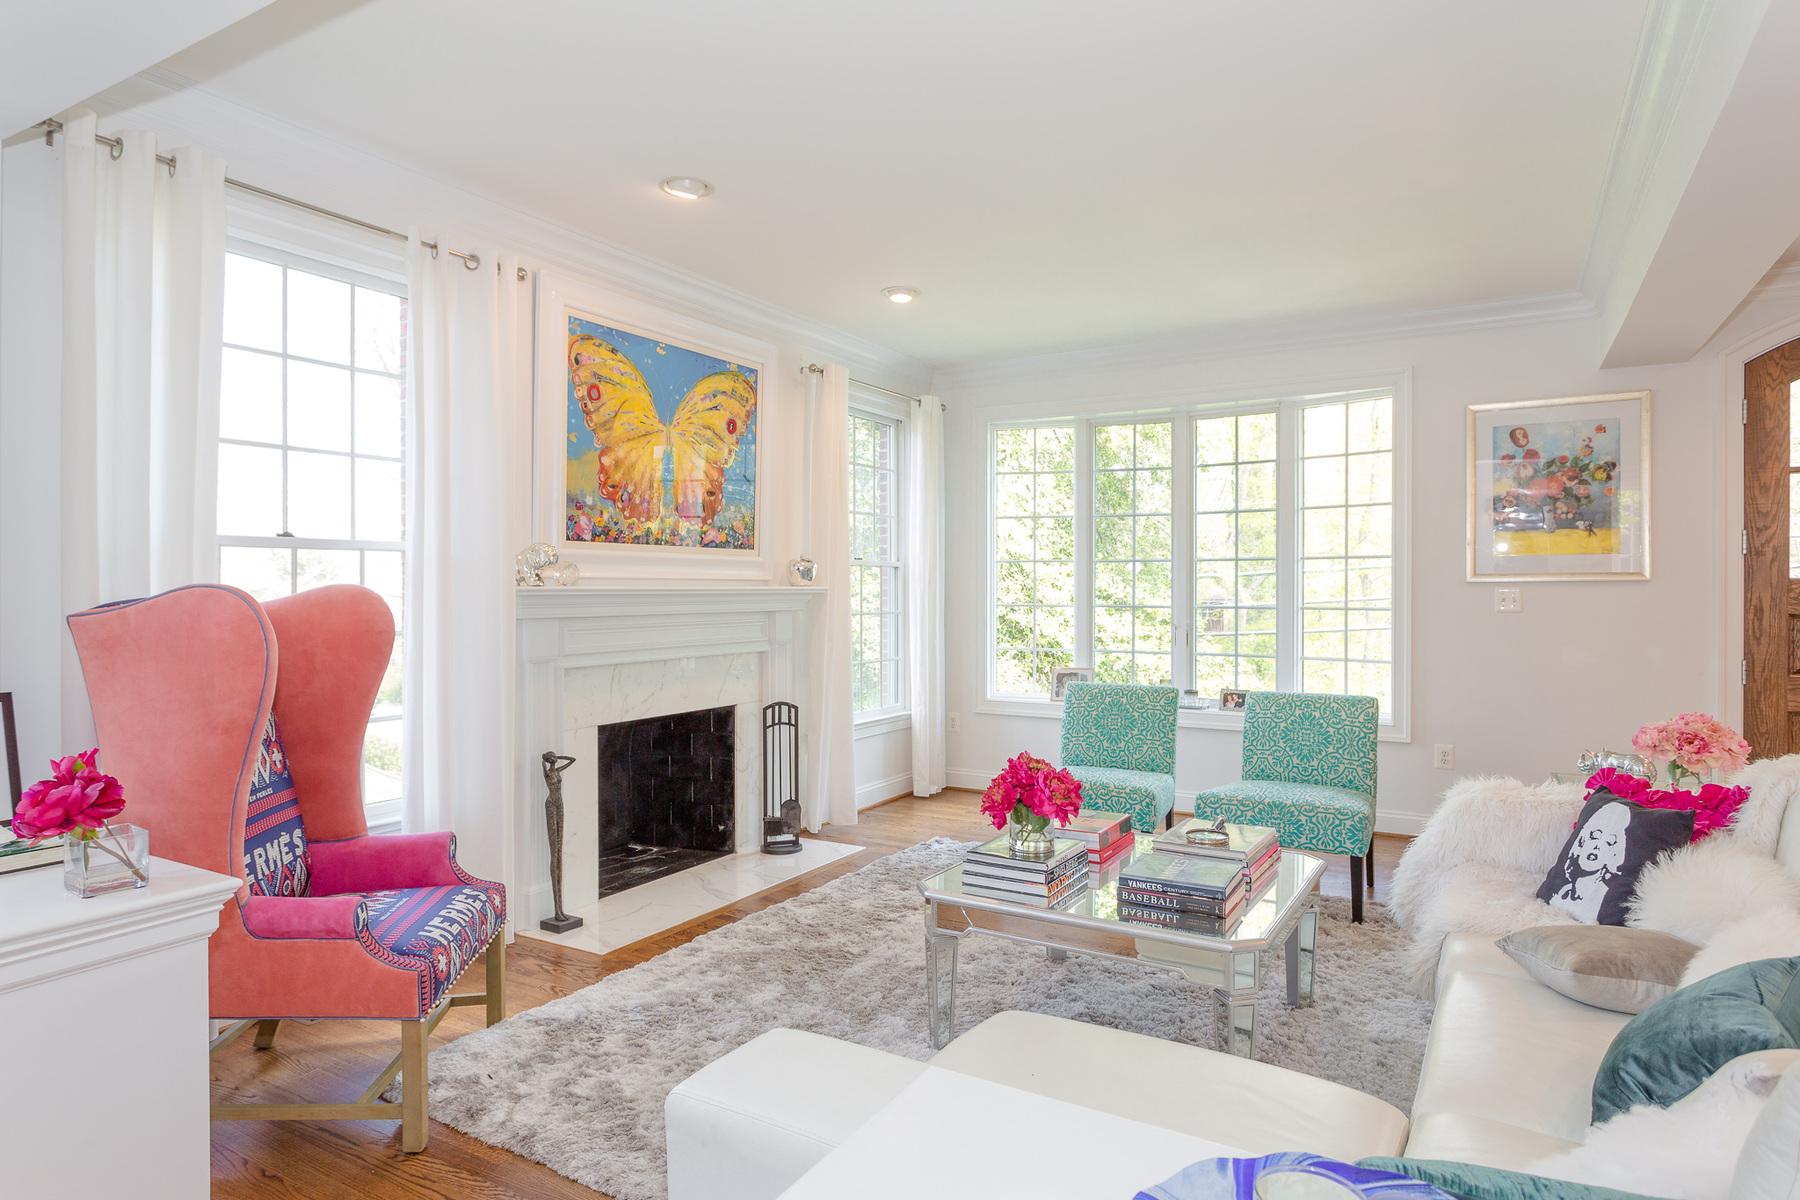 独户住宅 为 销售 在 Arlingwood 4020 Randolph Street N 阿林顿, 弗吉尼亚州, 22207 美国